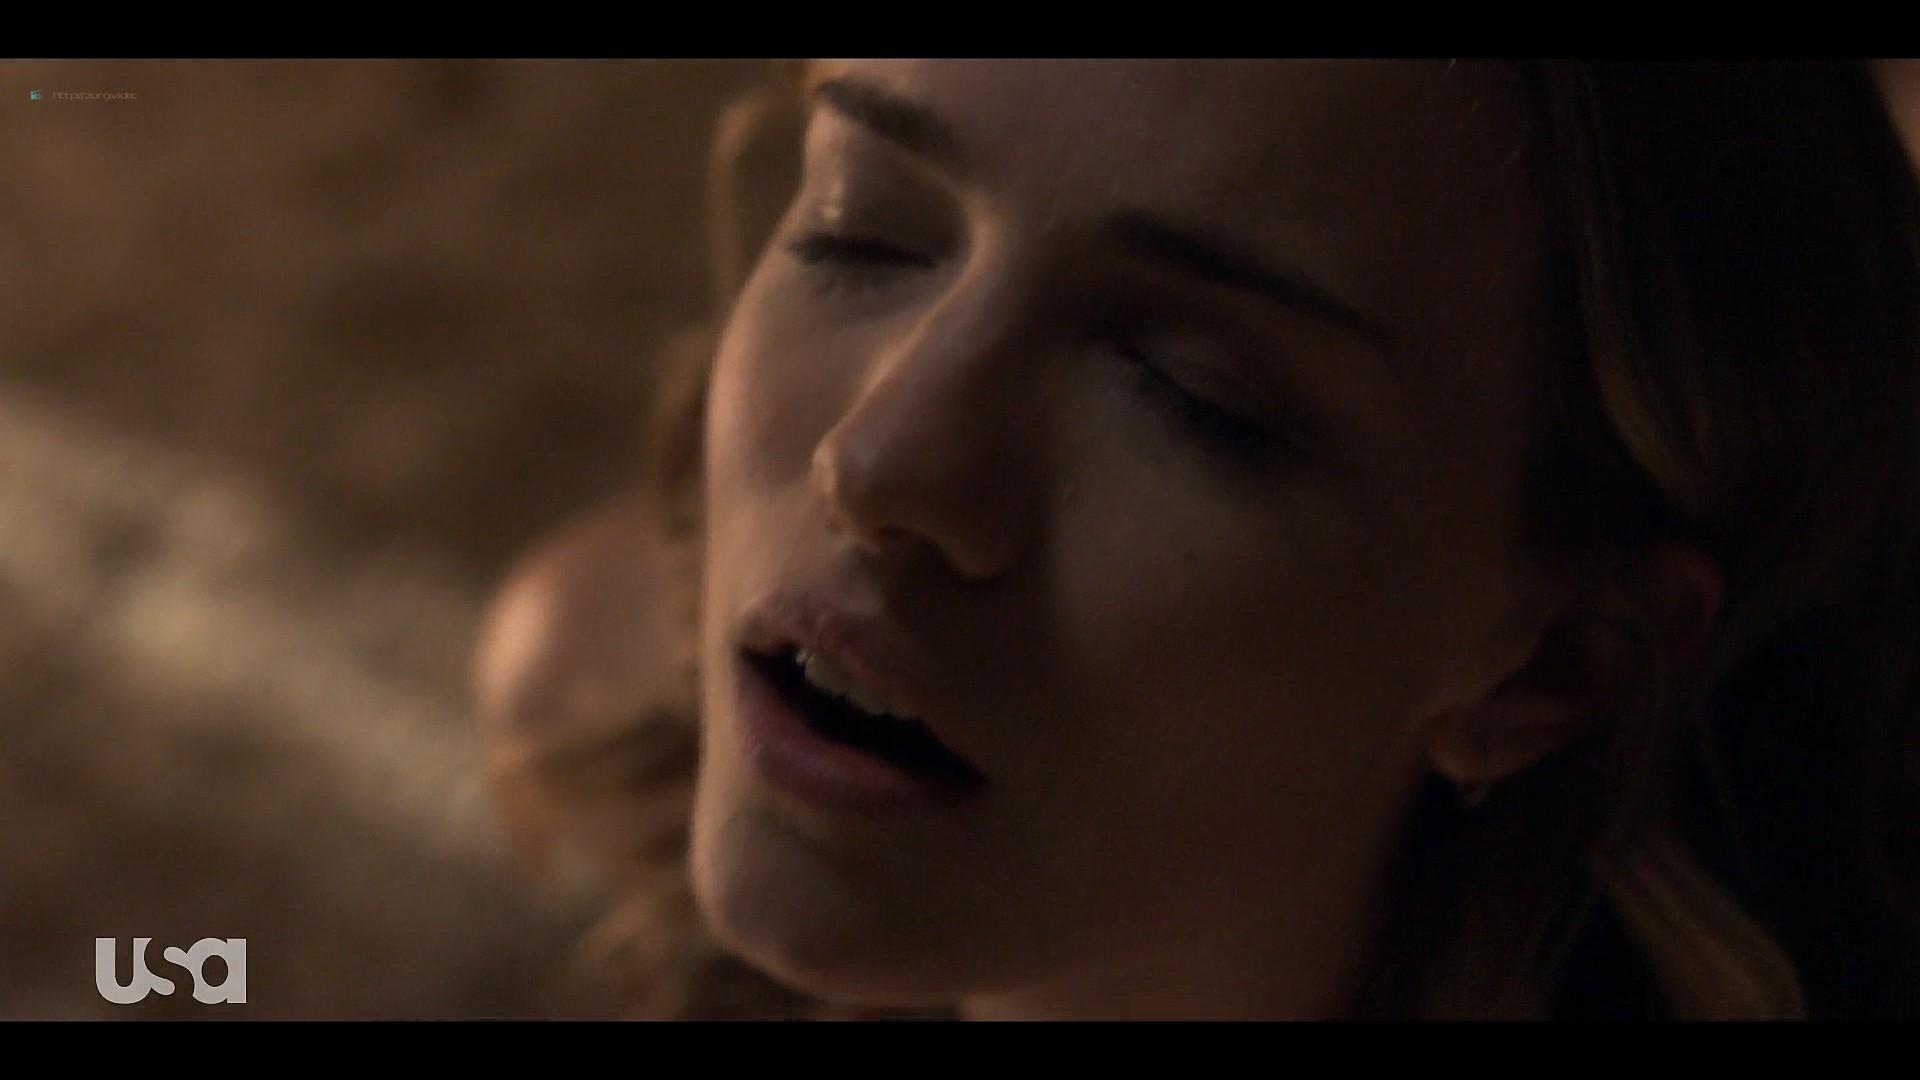 Fitzgerald hot some sex Marlo Kelly, Herizen F. Guardiola sexy - Dare Me (2019) s1e3 HD 1080p (10)